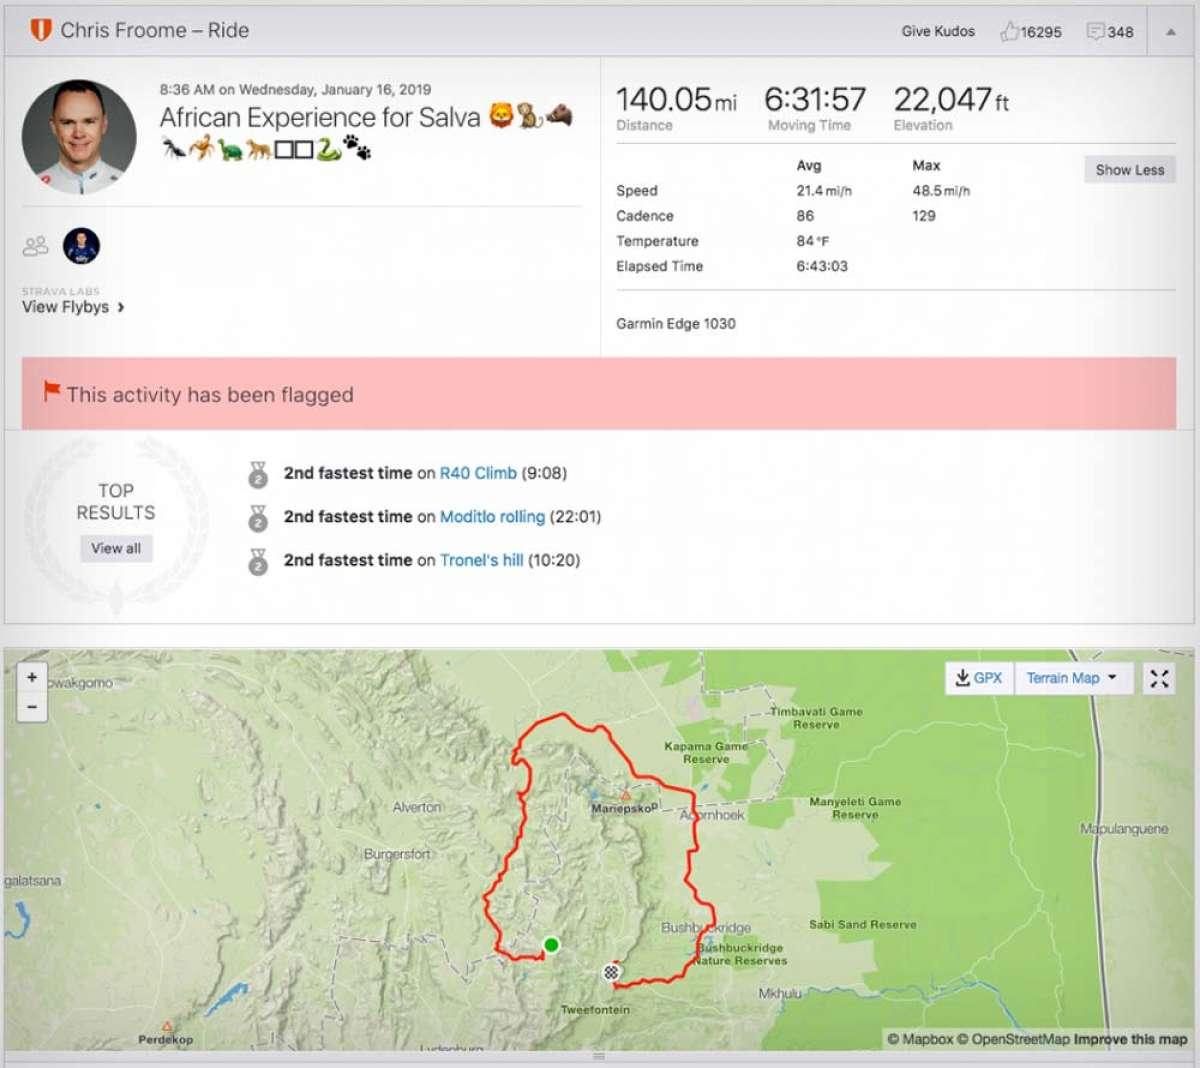 En TodoMountainBike: Entrenamiento de Froome: 225 kilómetros con 6.720 metros de ascensión a una media de 34.5 km/h